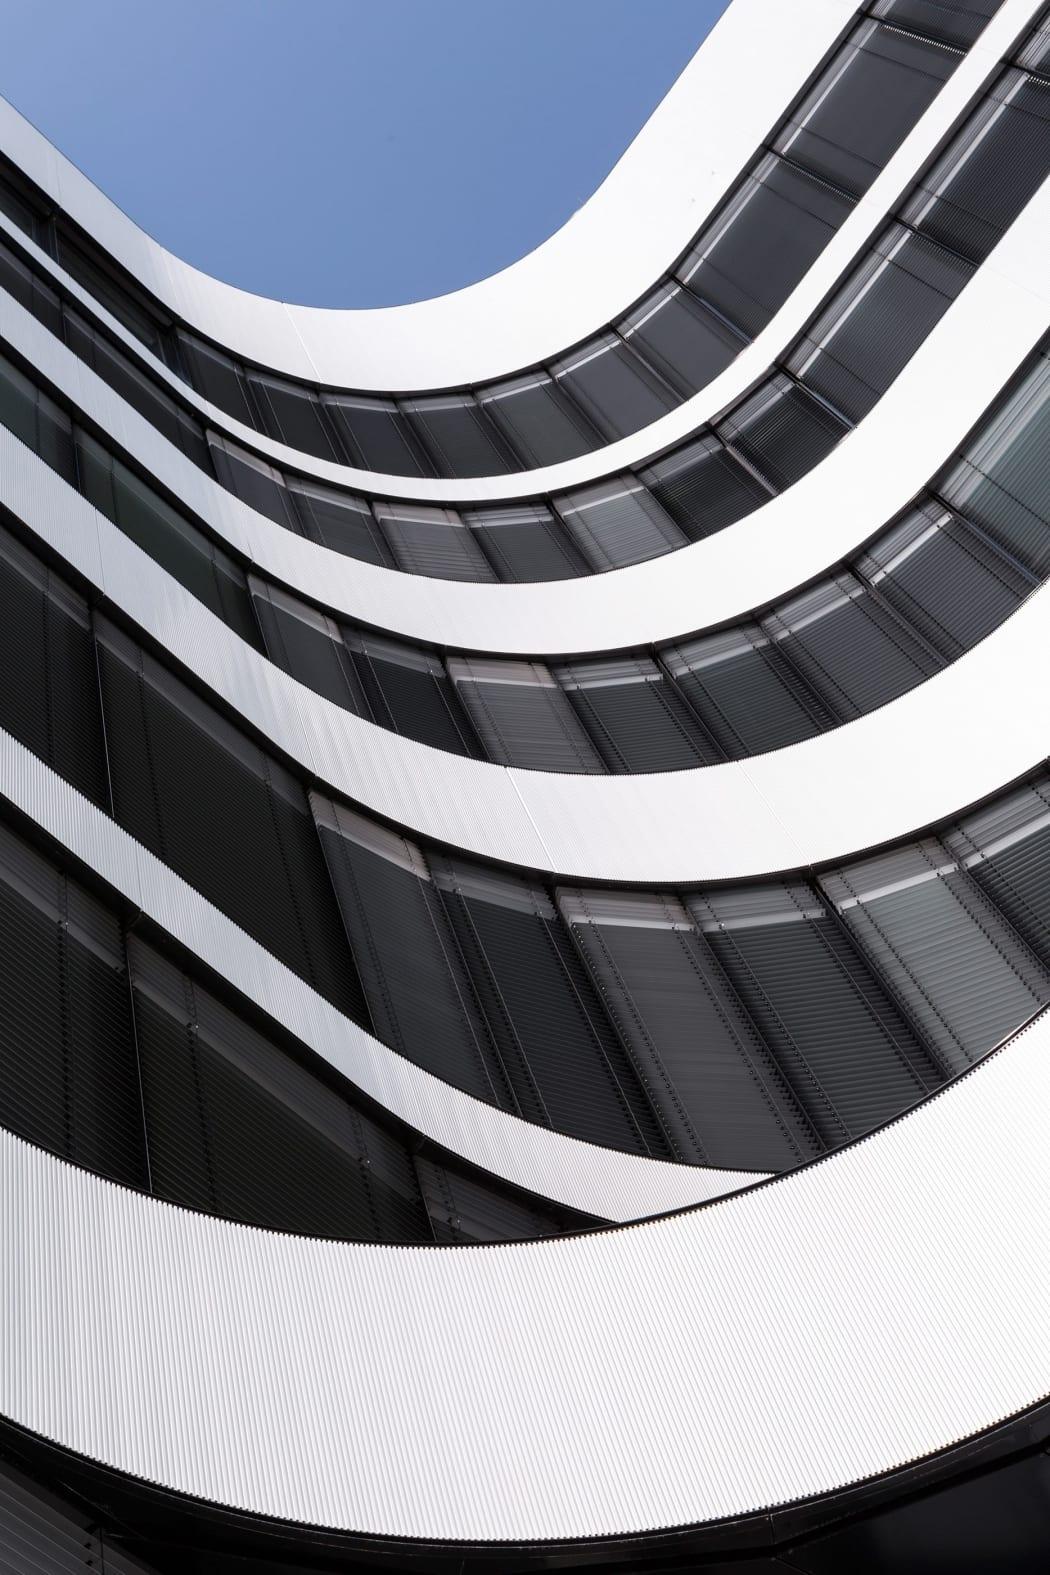 RKW Duesseldorf Panta Rhei Businesspark Flughafen Kunstobjekt LEED Gold Ralph Richter 09